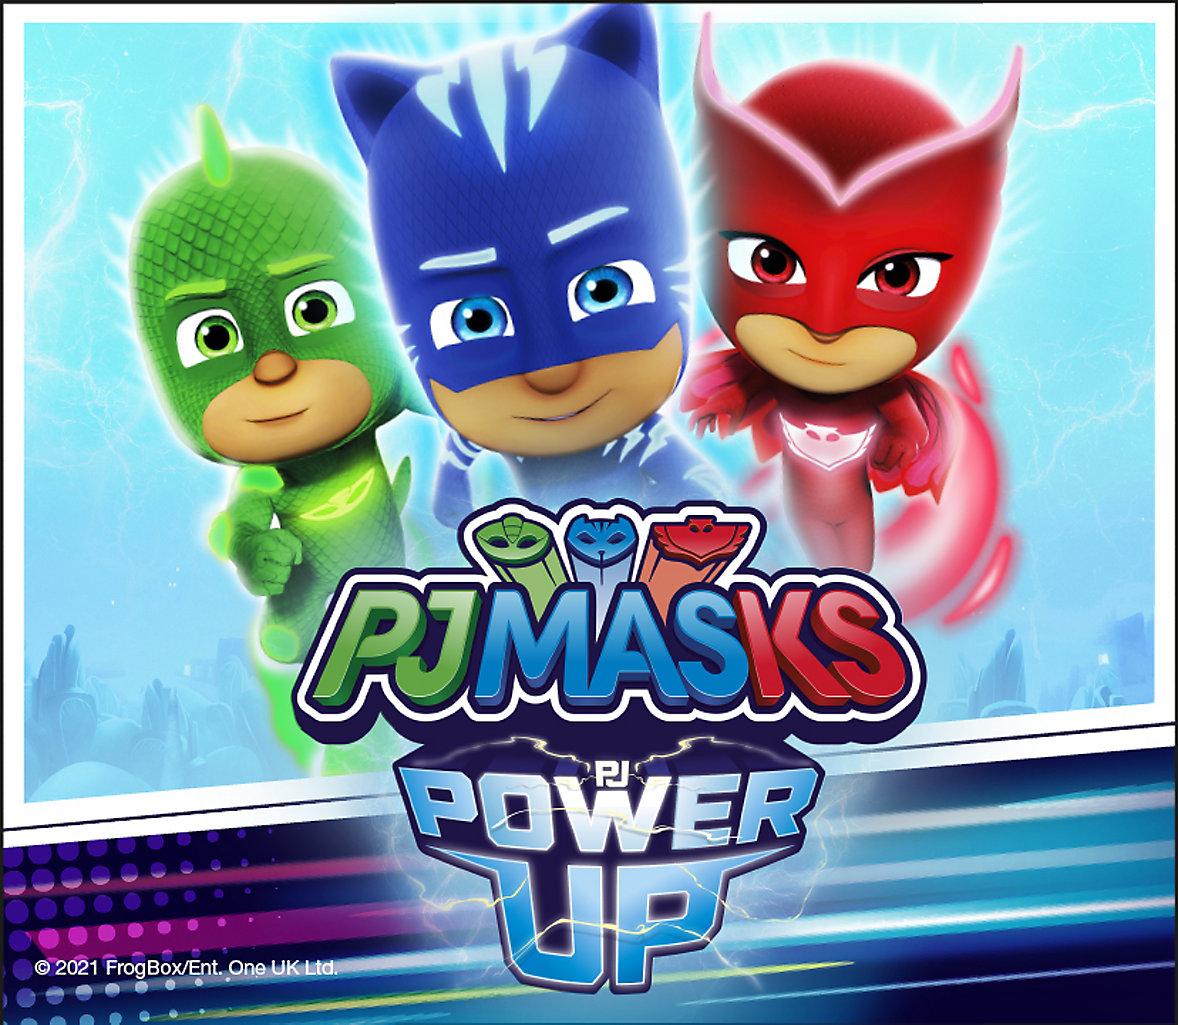 PJ Masks Power Up